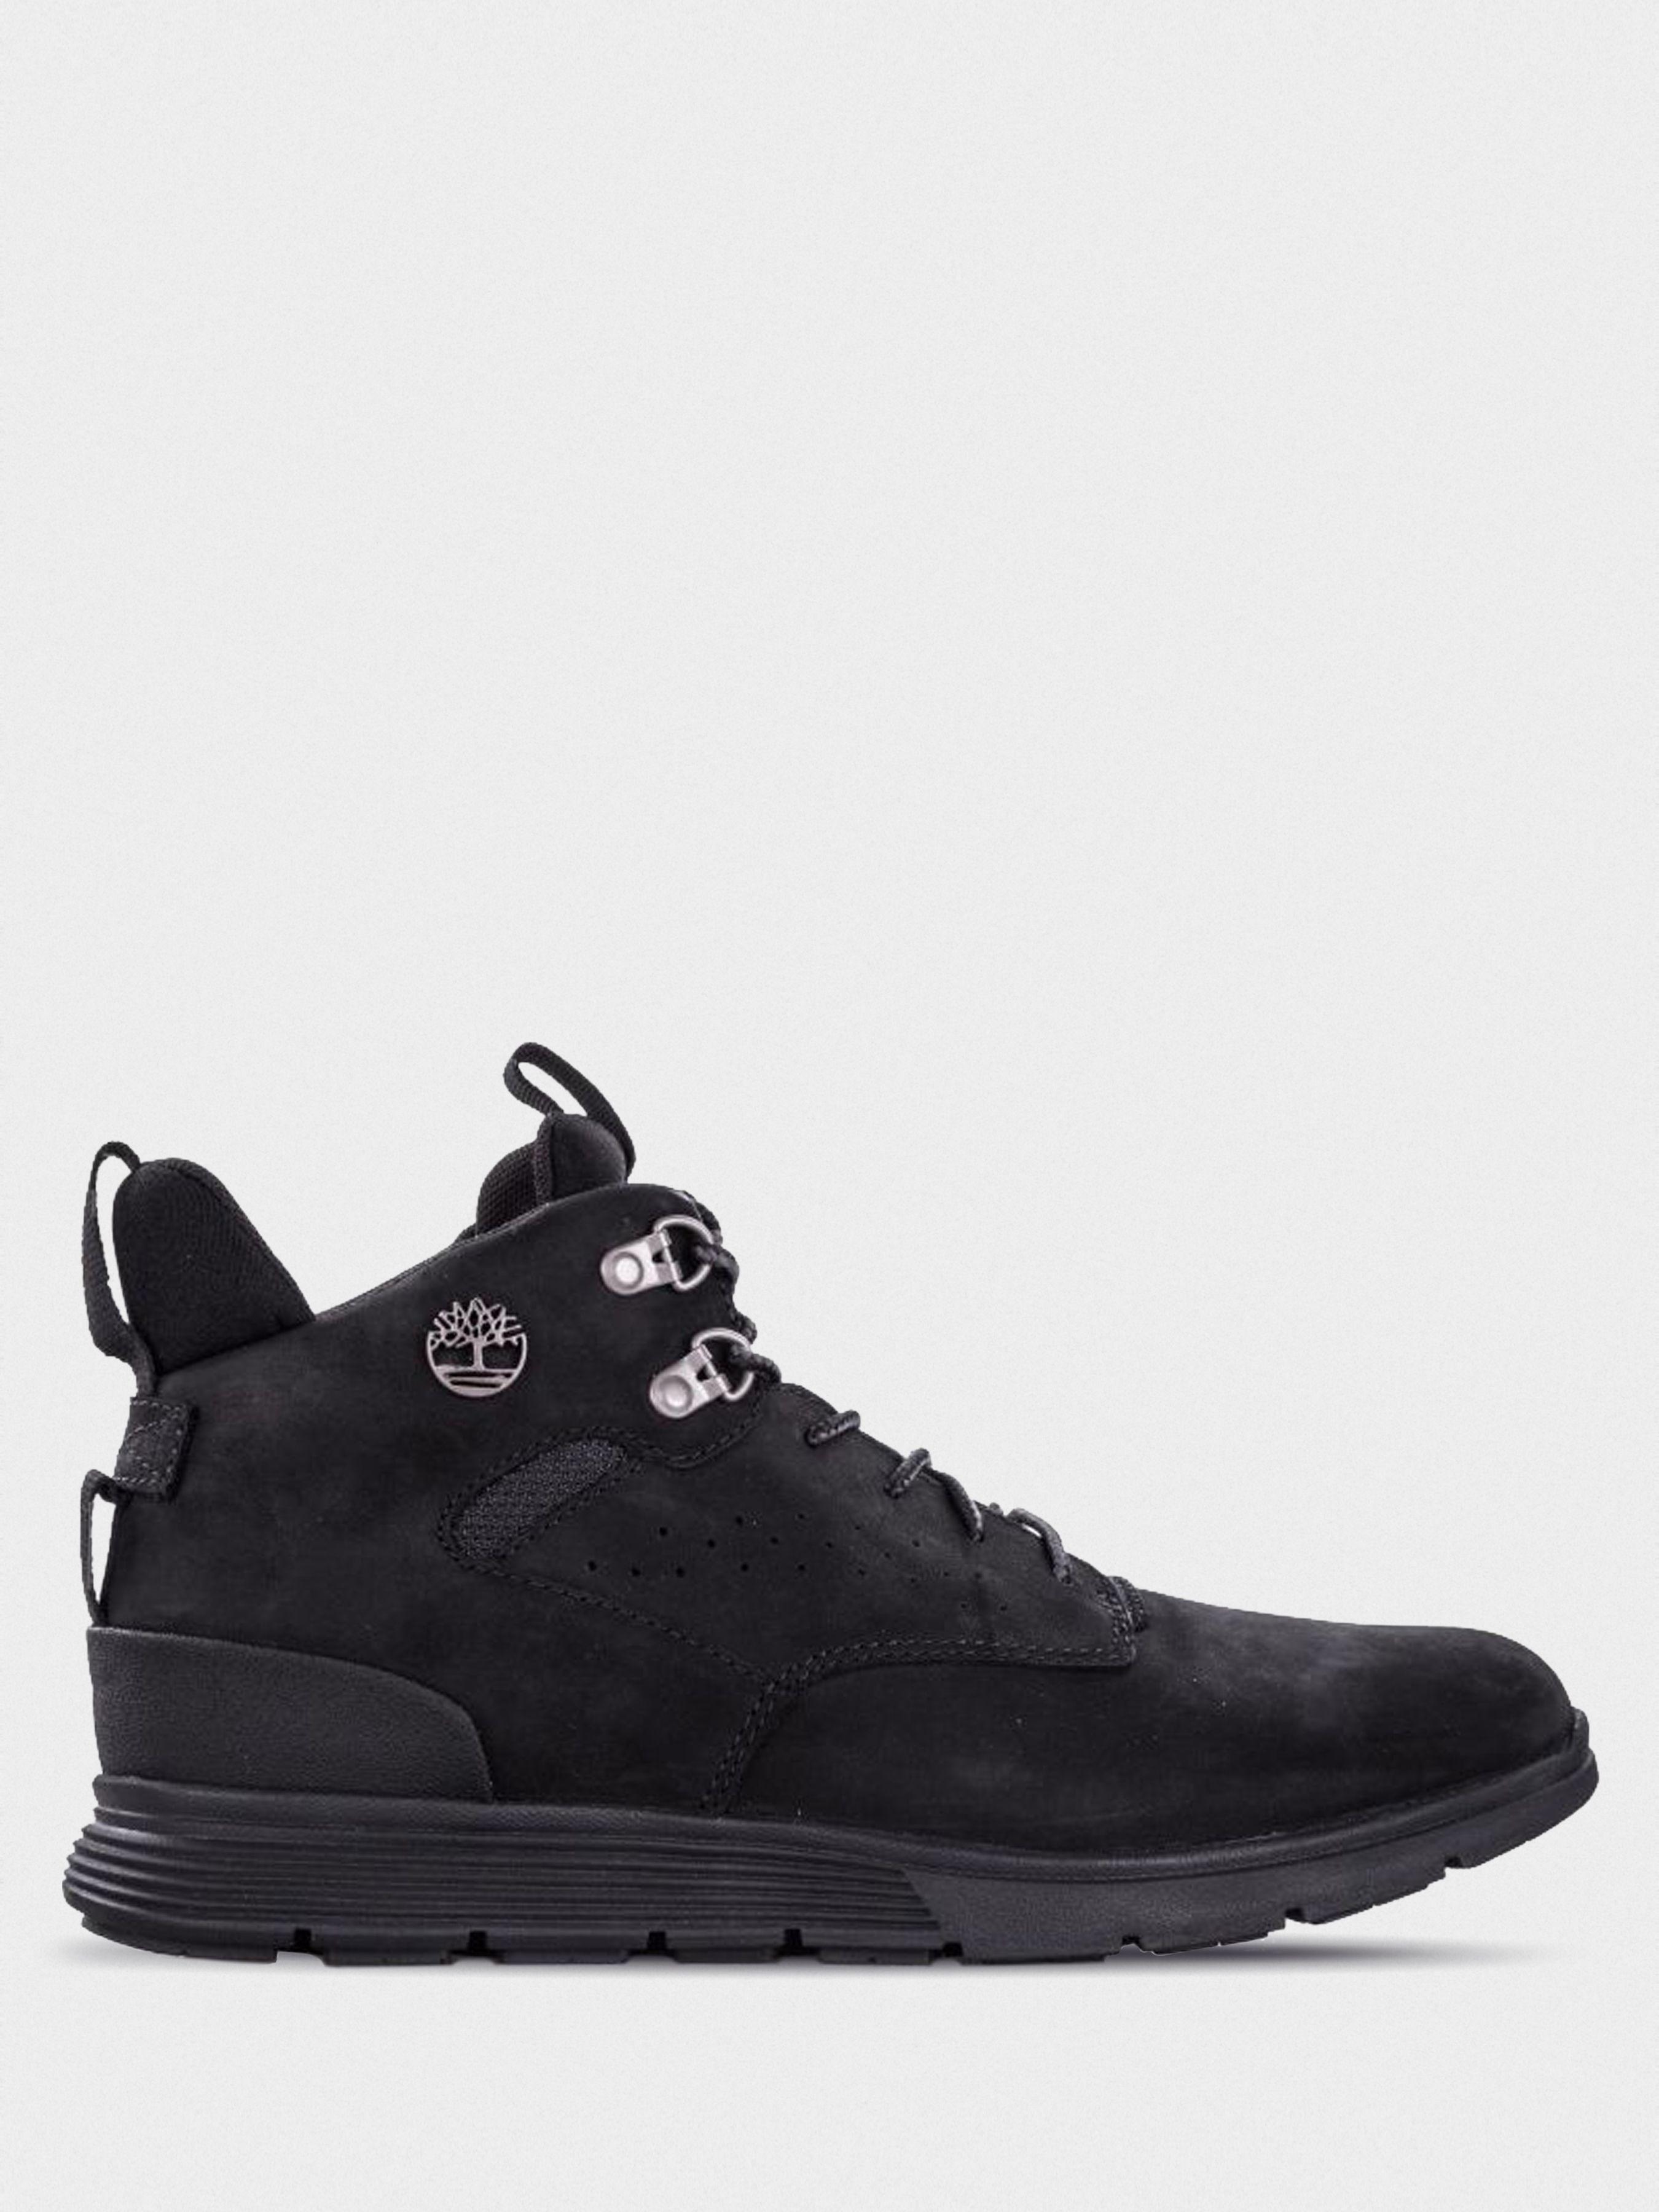 Купить Ботинки для мужчин Timberland Killington TF3815, Черный